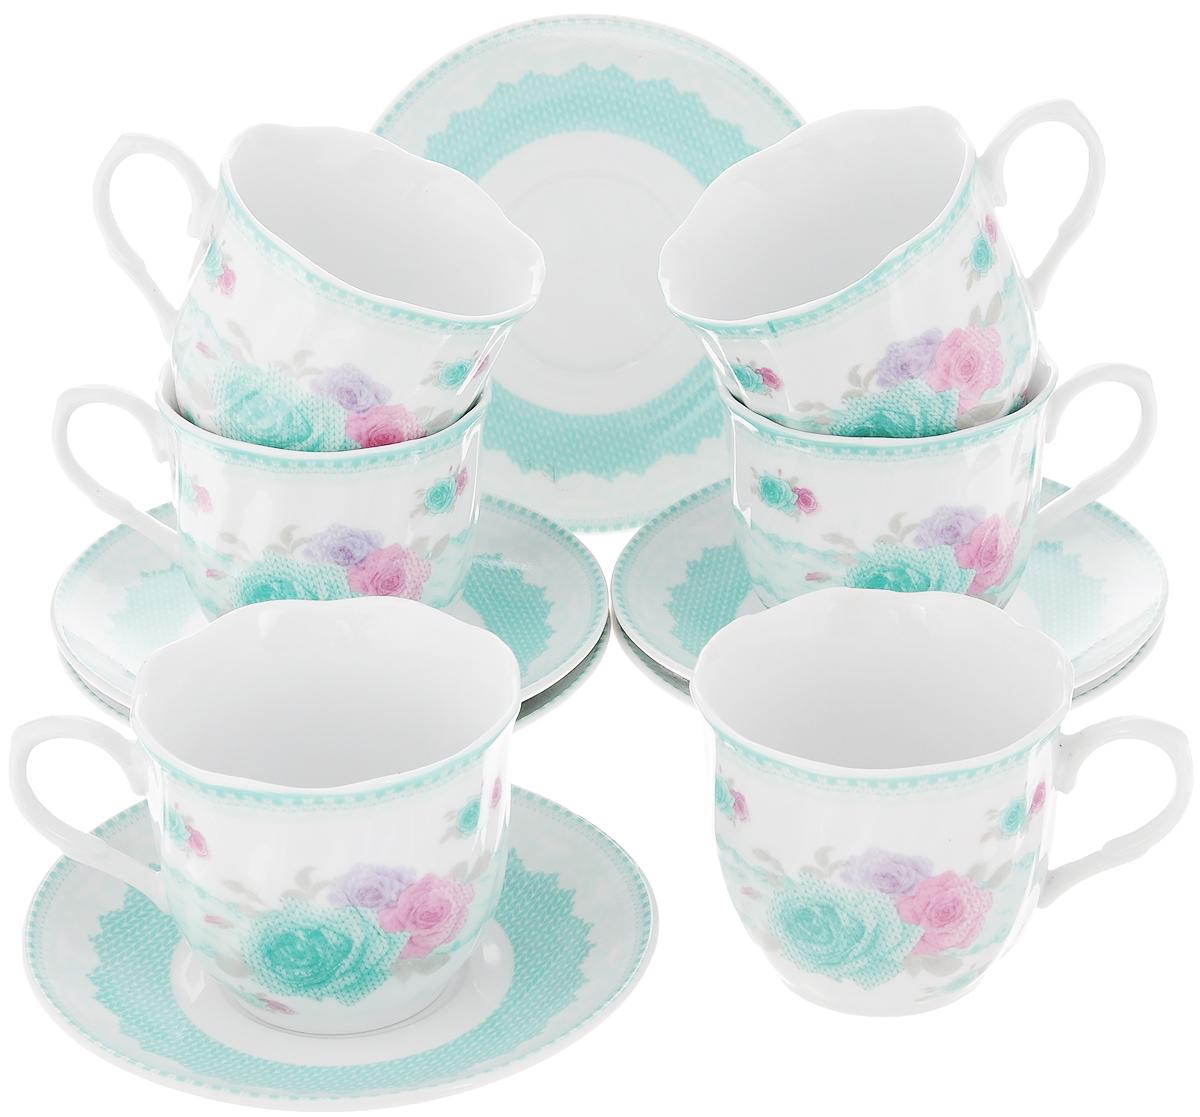 Чайный сервиз Loraine Цветы, 12 предметов сервиз чайный loraine на подставке 13 предметов 43285